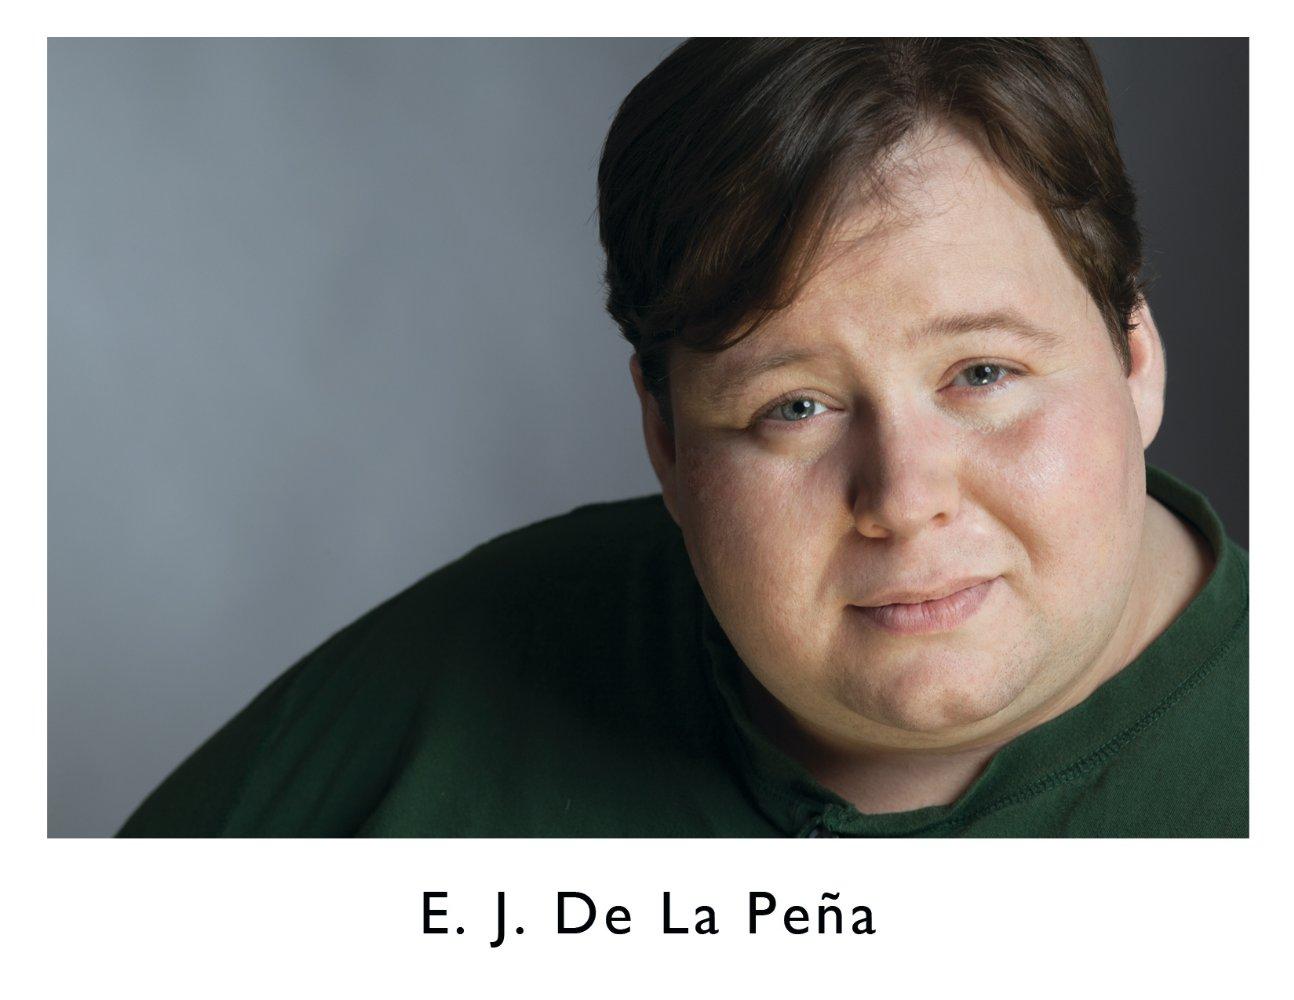 E.J. De la Pena